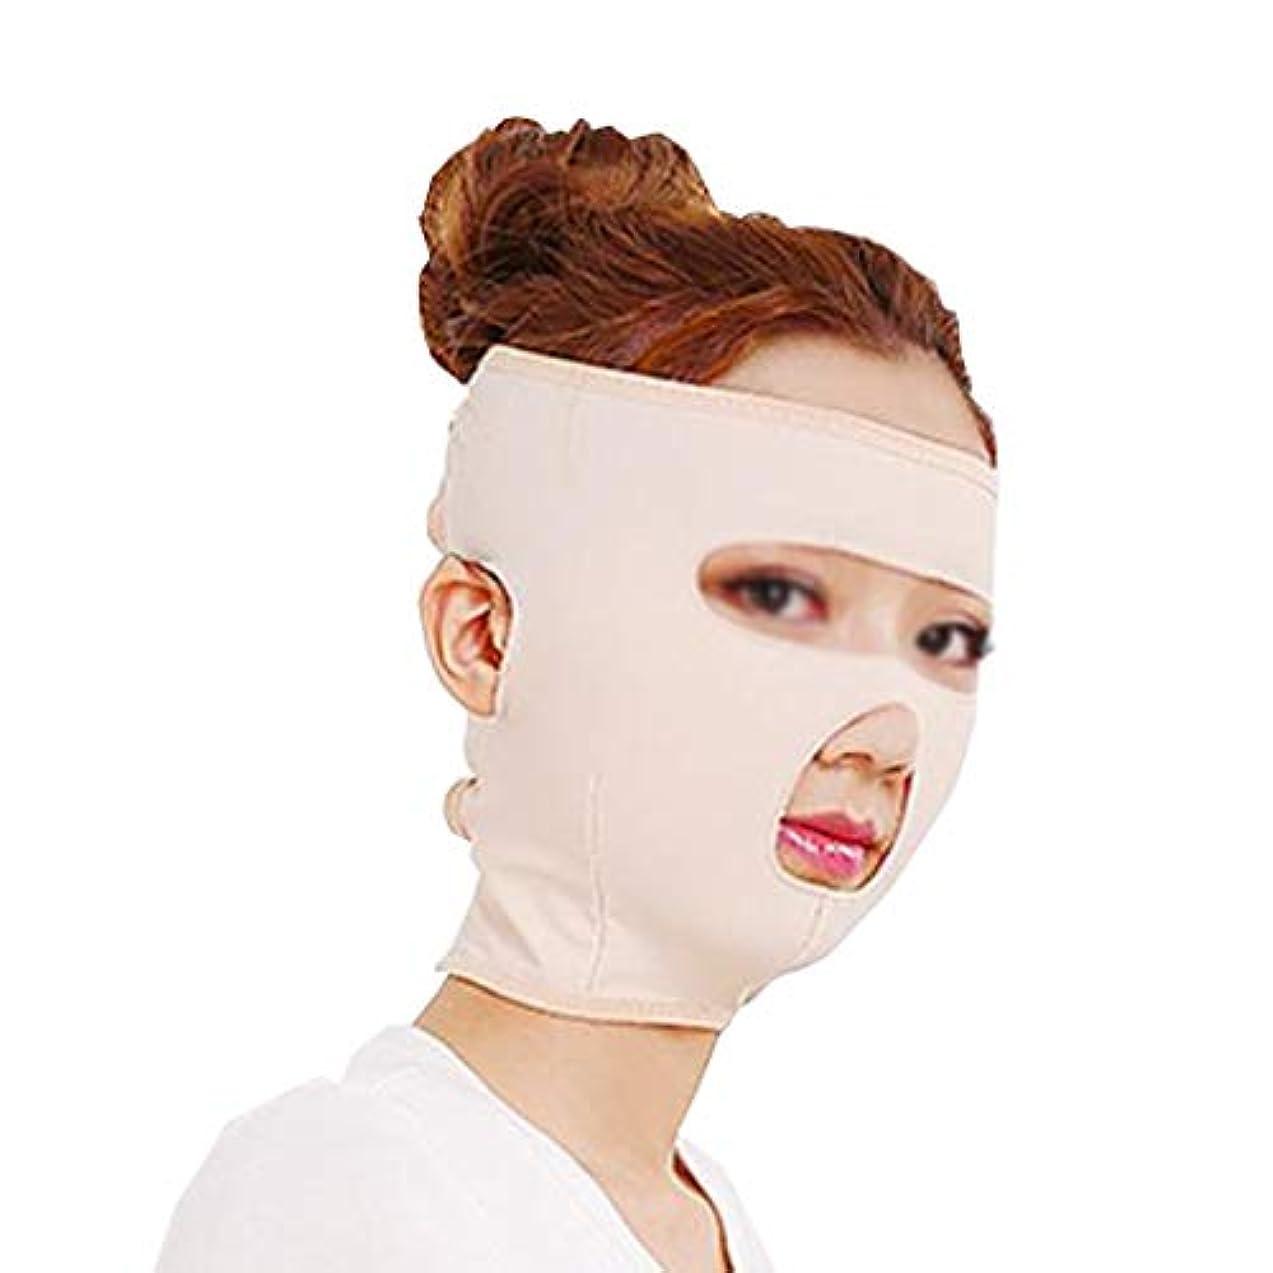 新聞ハント単にZWBD フェイスマスク, 強力なフェイスマスクフェイスマスクフェイスウェイトバンデージファーミングフェイスマスクフェイスマスク